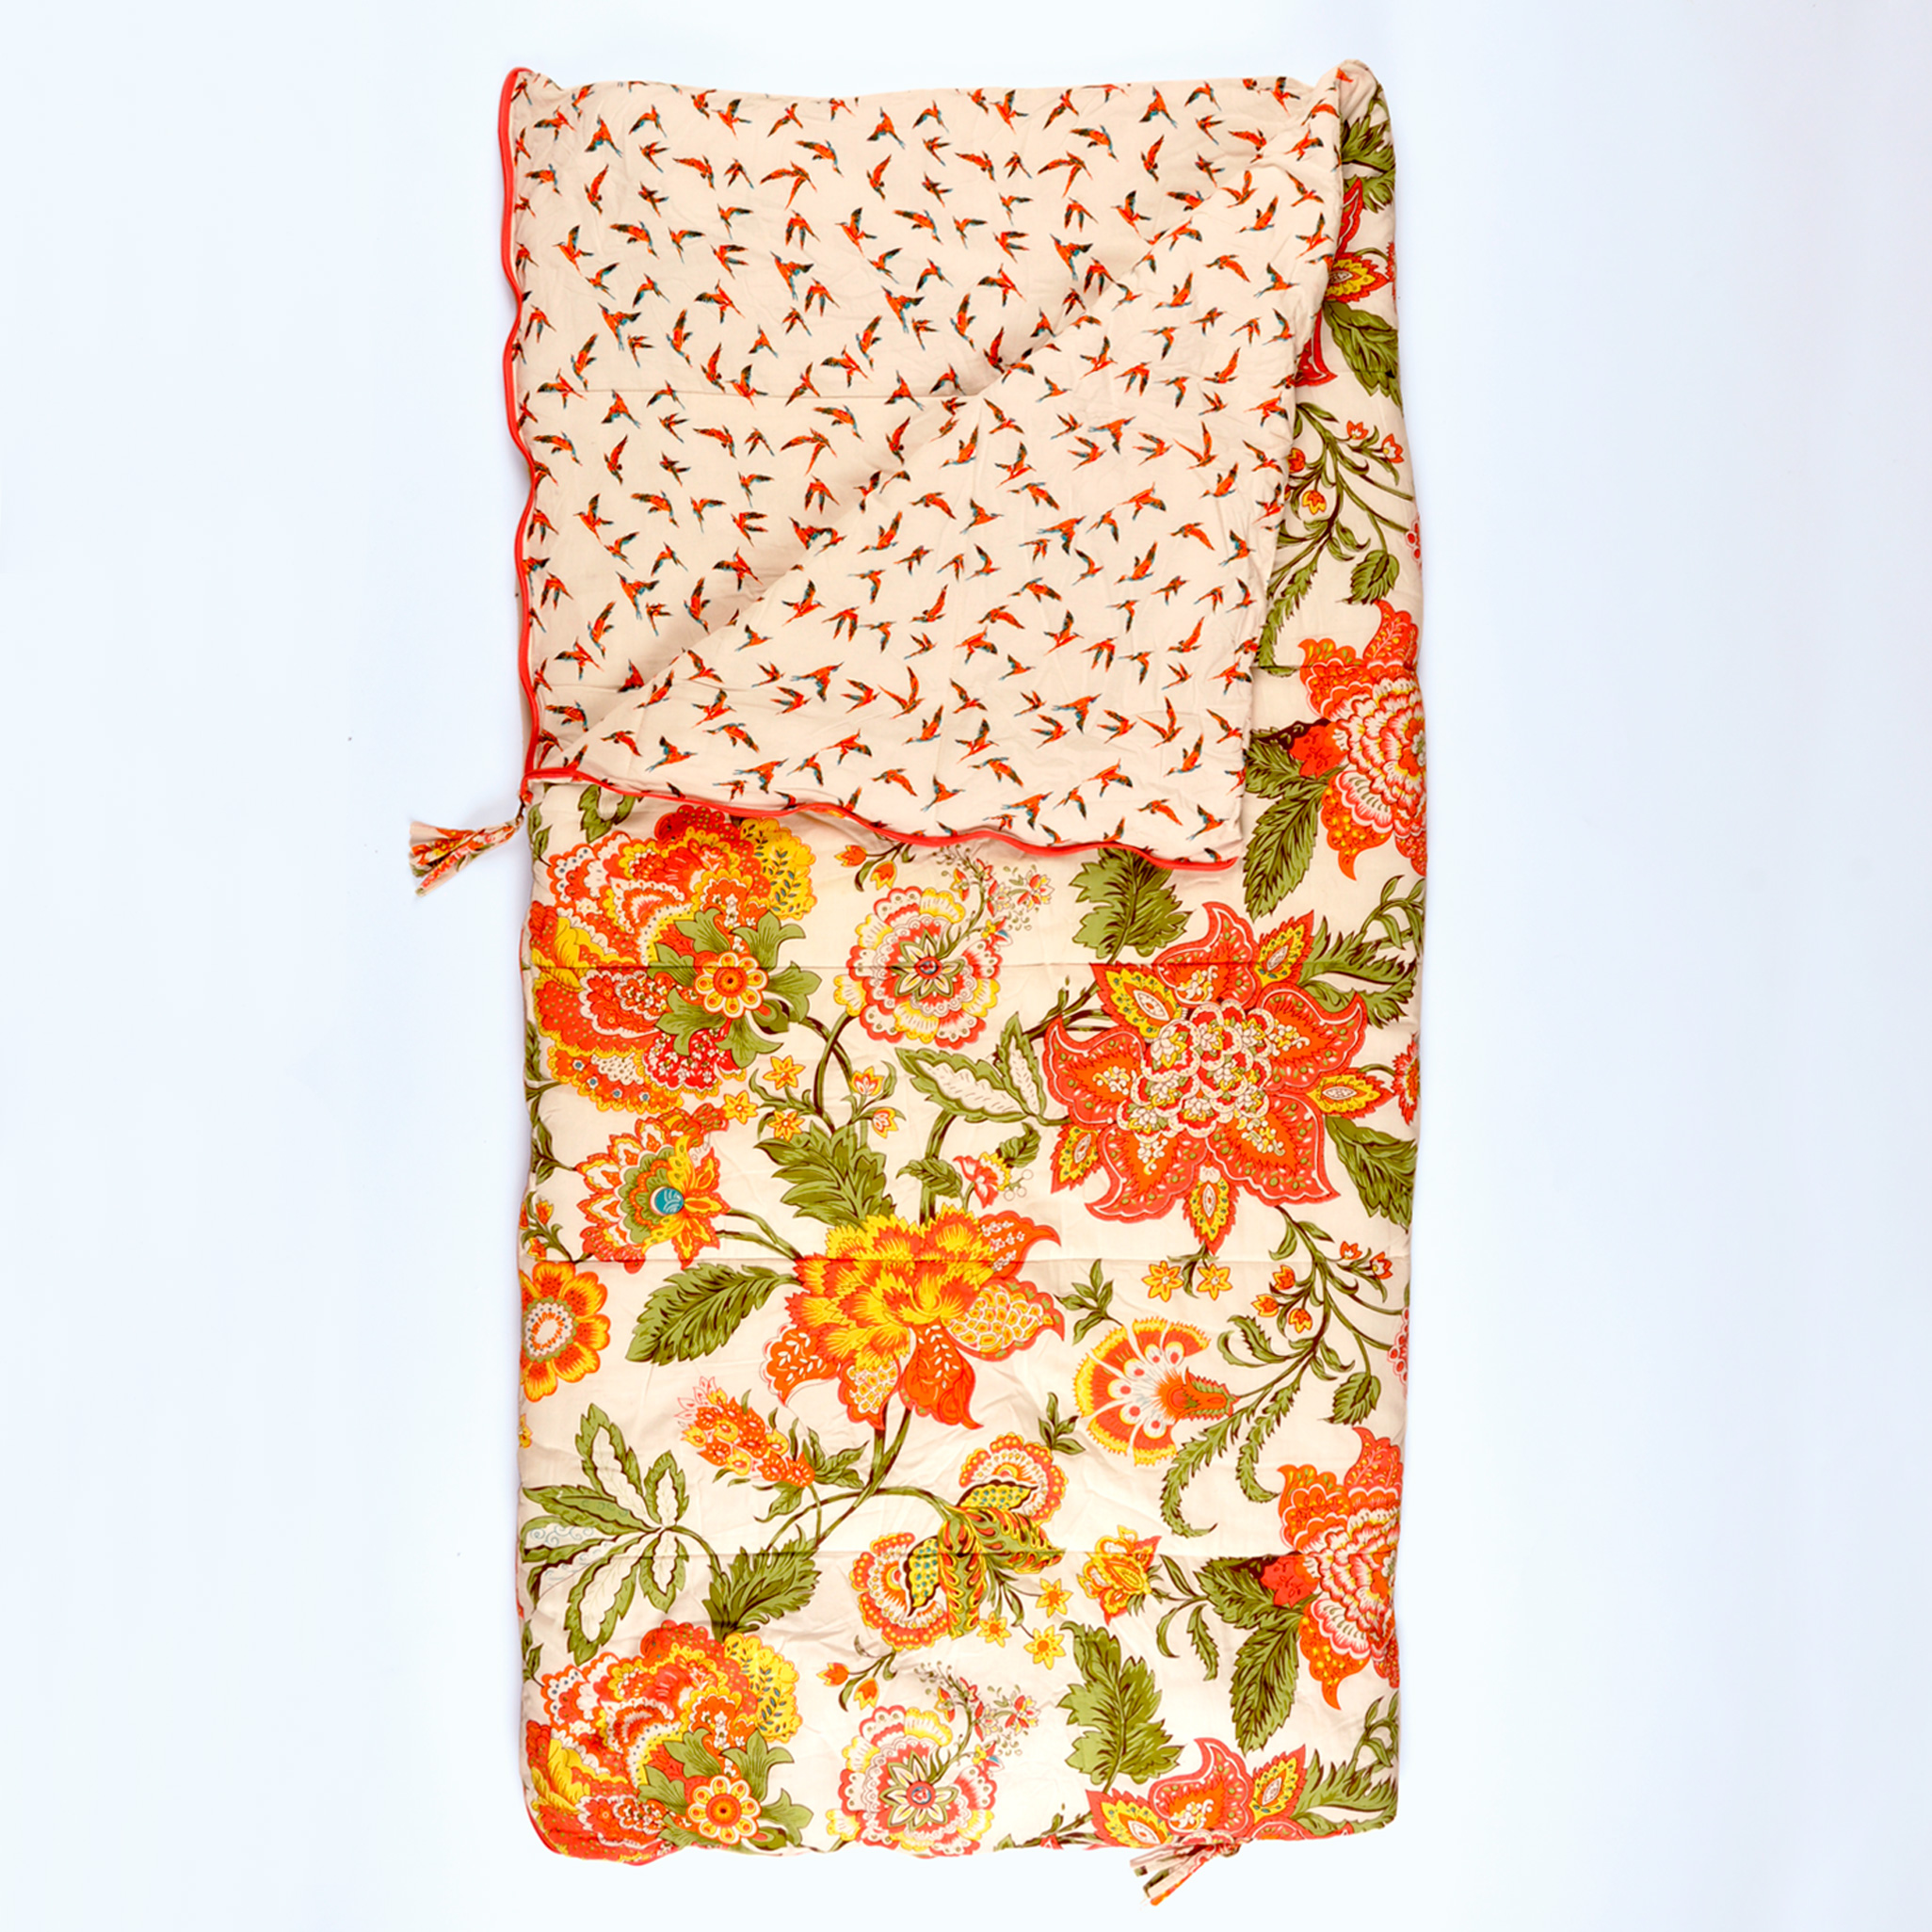 Wild Floral single Sleeping Beauties sleeping bag